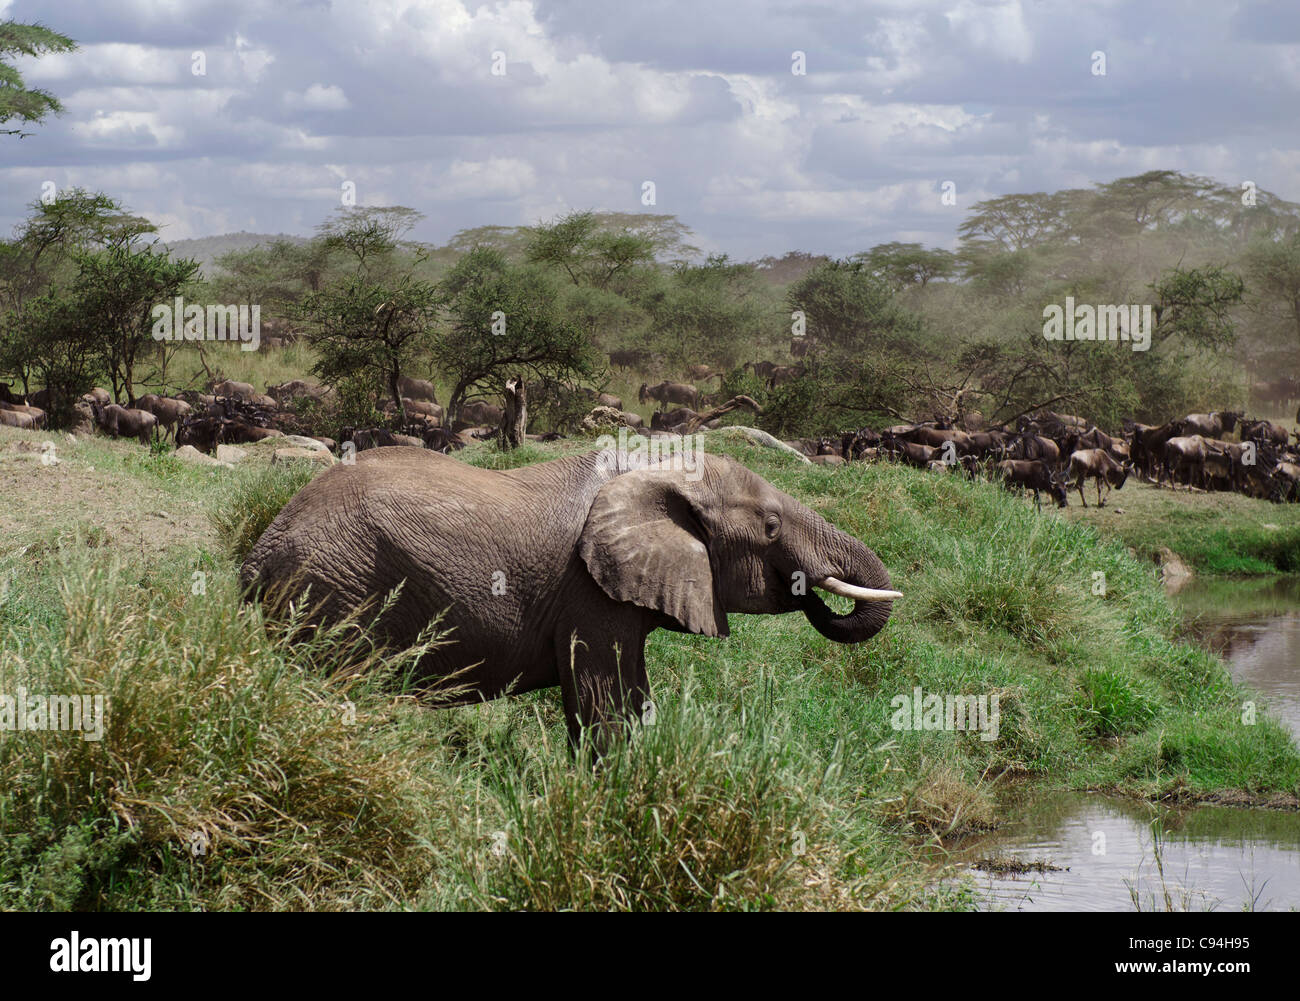 Beber de elefantes en el Parque nacional Serengeti, Tanzania, África Imagen De Stock